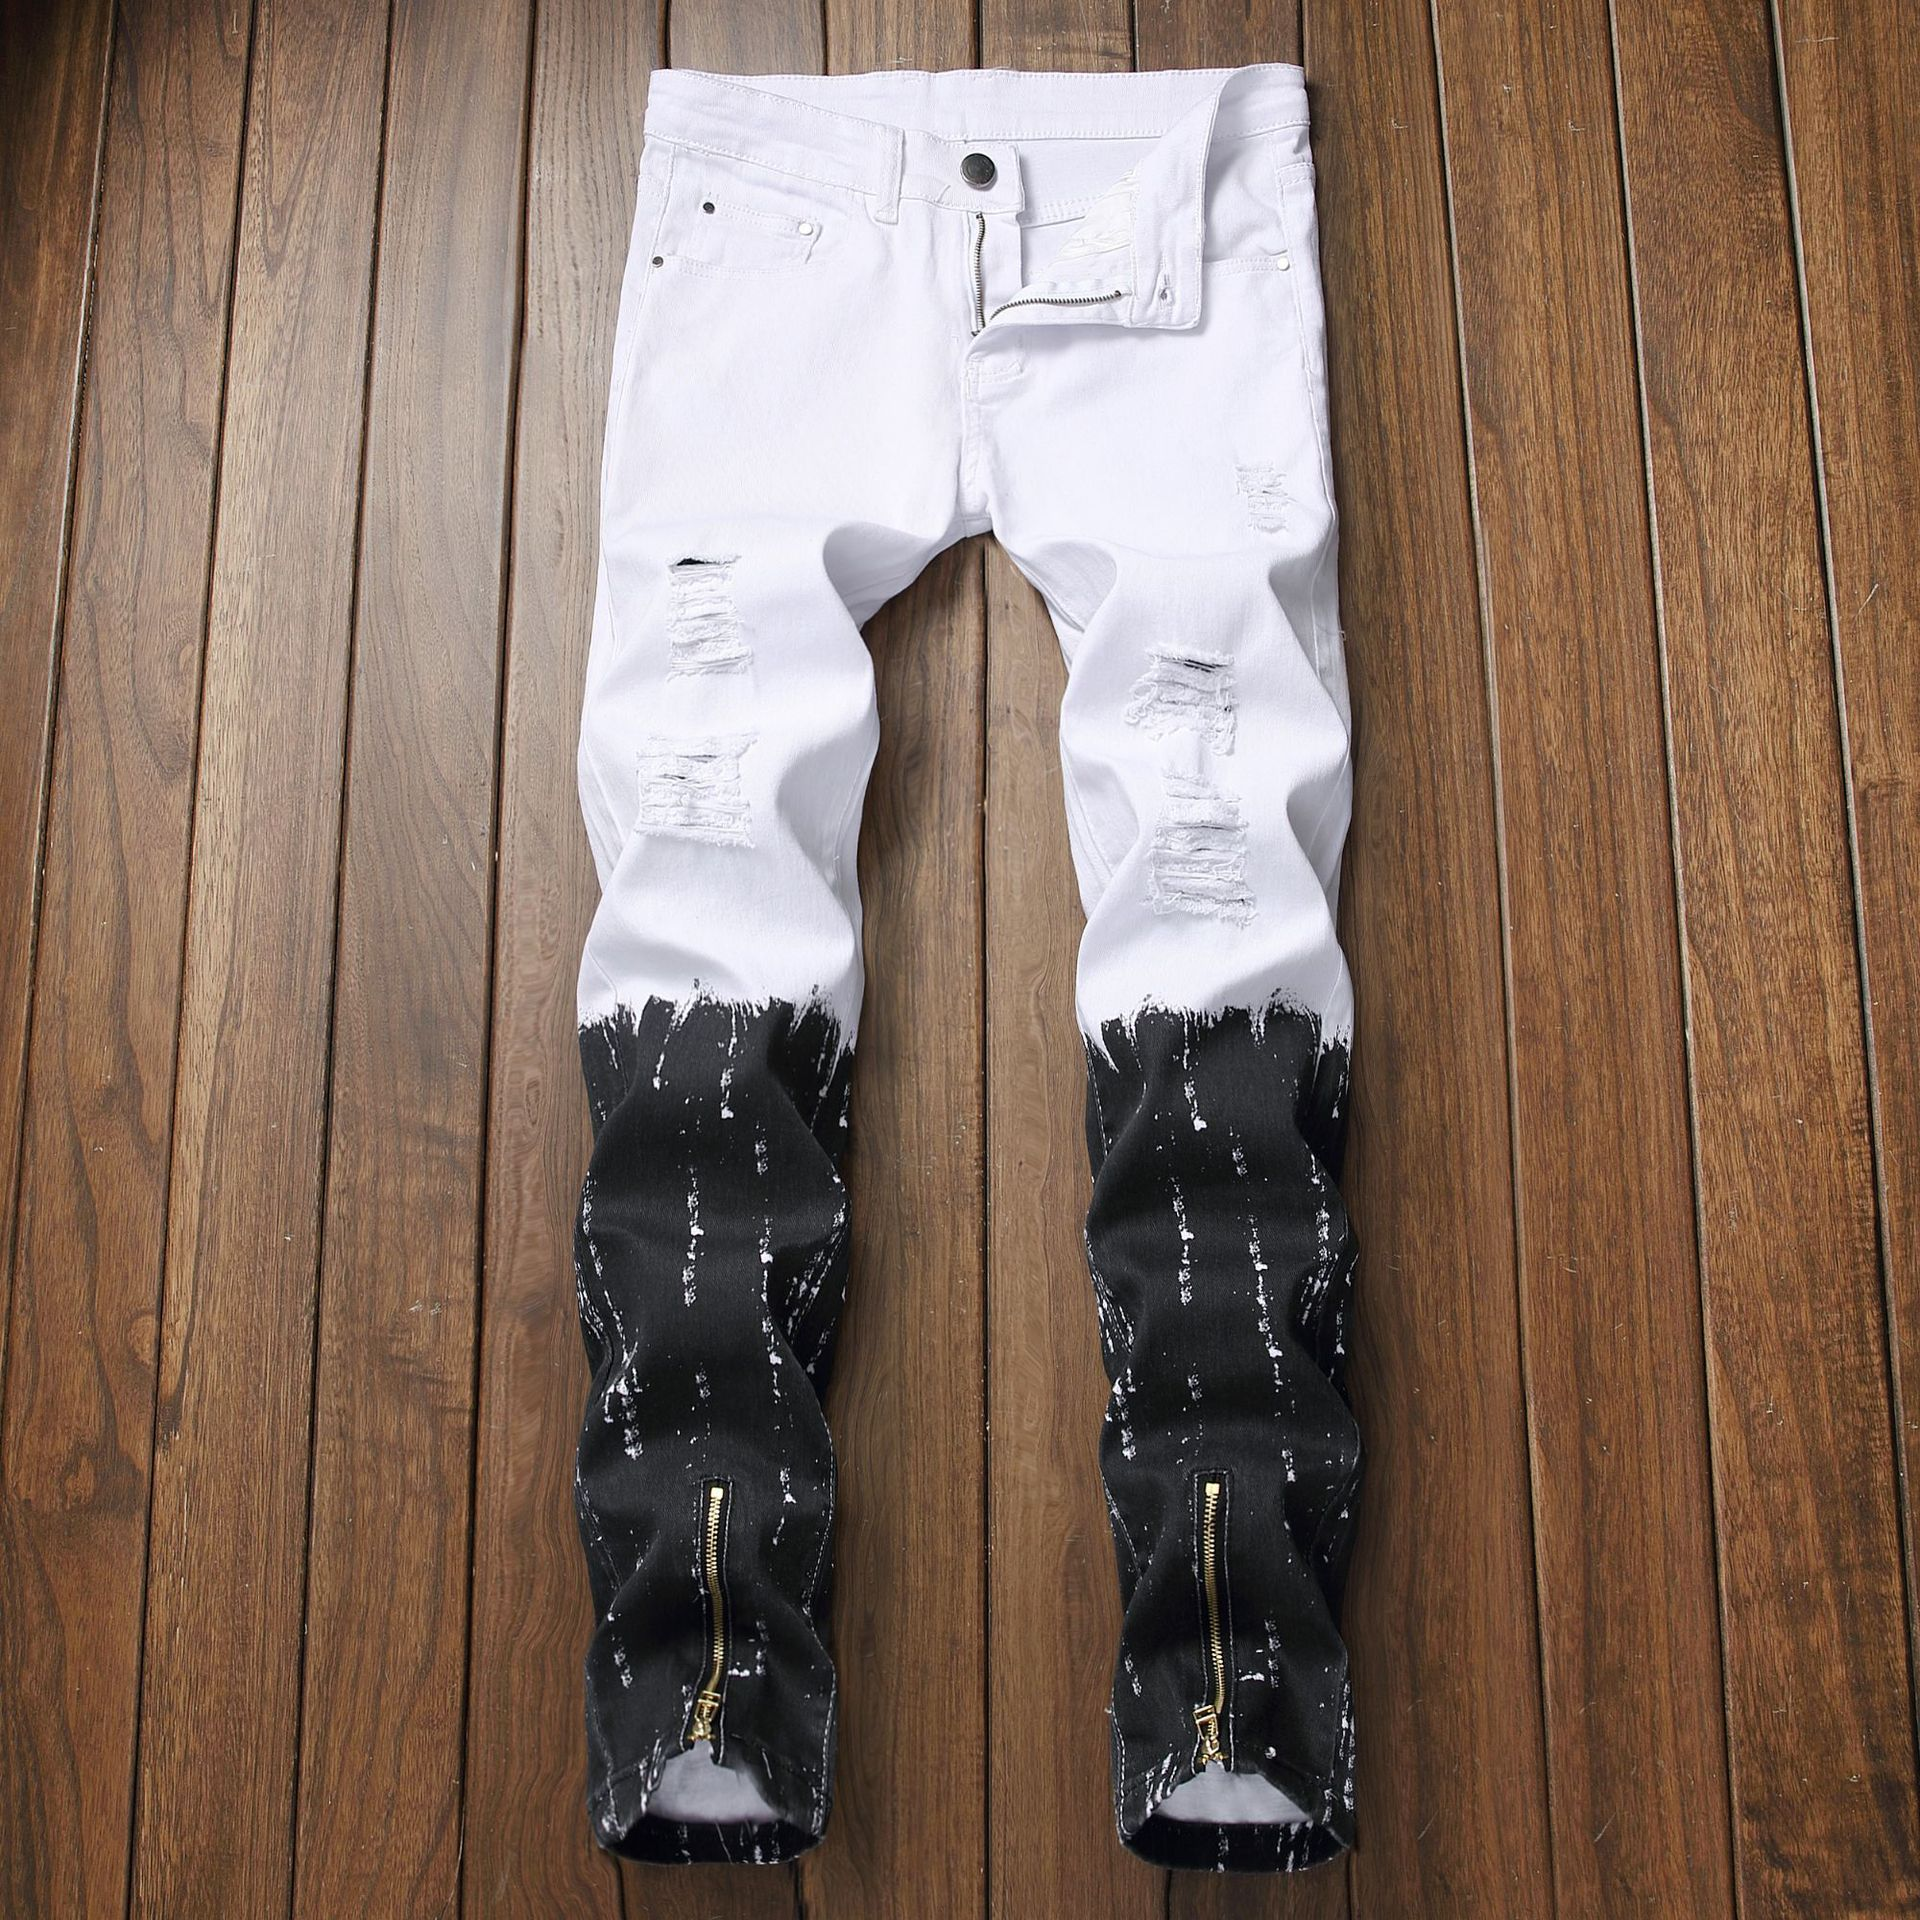 Venta Al Por Mayor Jeans Blancos Rotos Para Hombres Compre Online Los Mejores Jeans Blancos Rotos Para Hombres Lotes De China Jeans Blancos Rotos Para Hombres A Mayoristas Alibaba Com